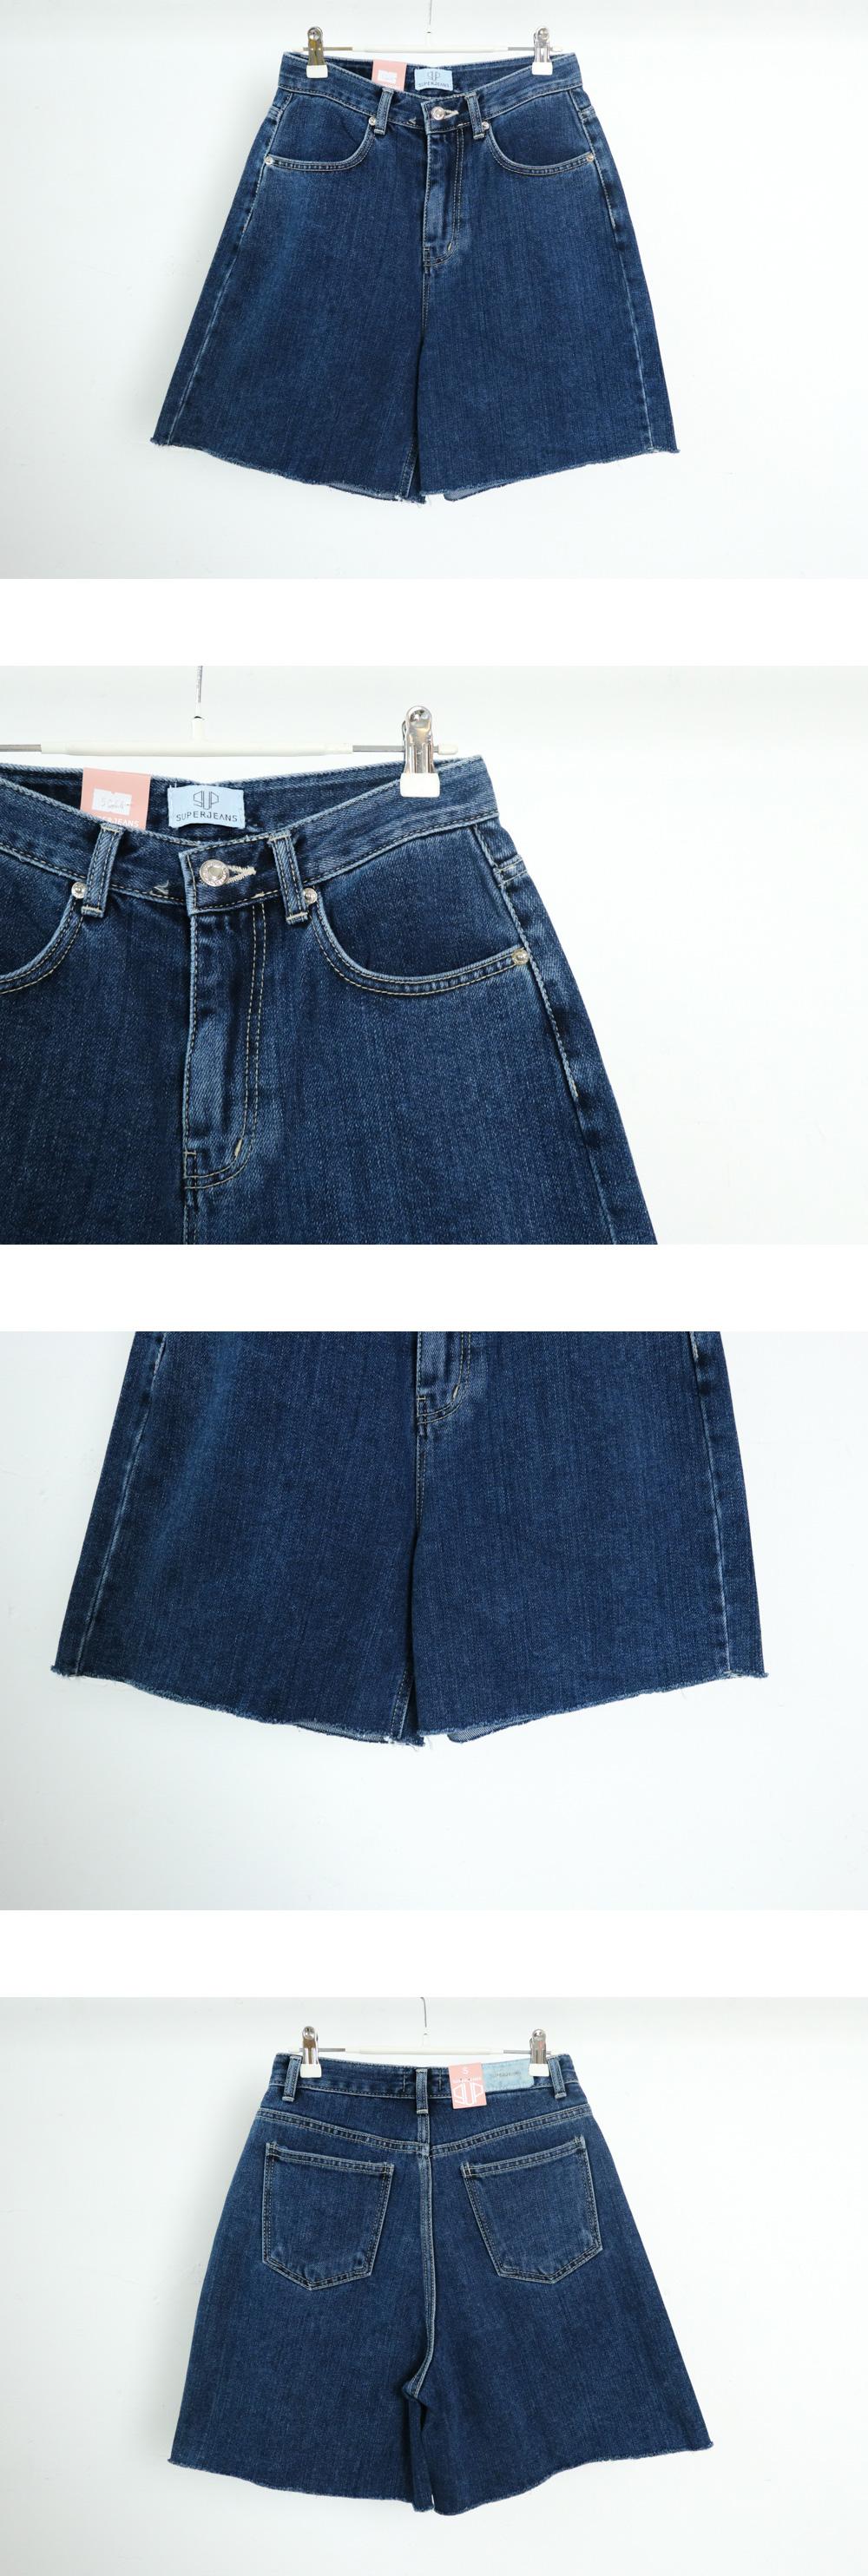 5044 natural cut dark denim shorts